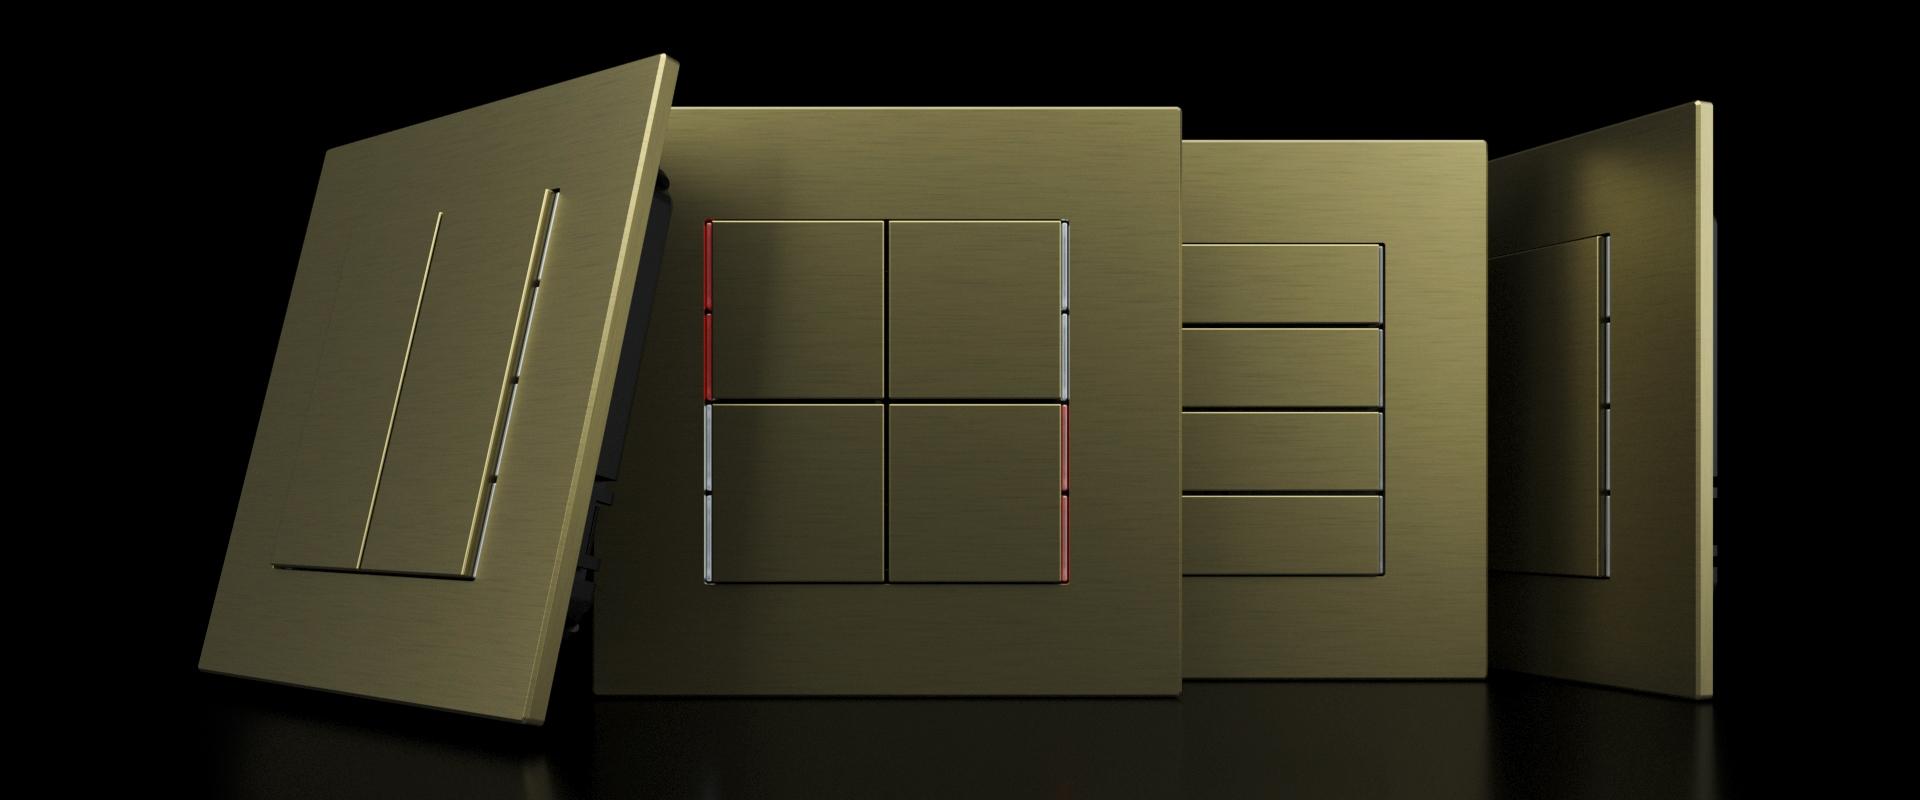 Surface: Design und Technologie KNX mit einer Dicke von 3 mm